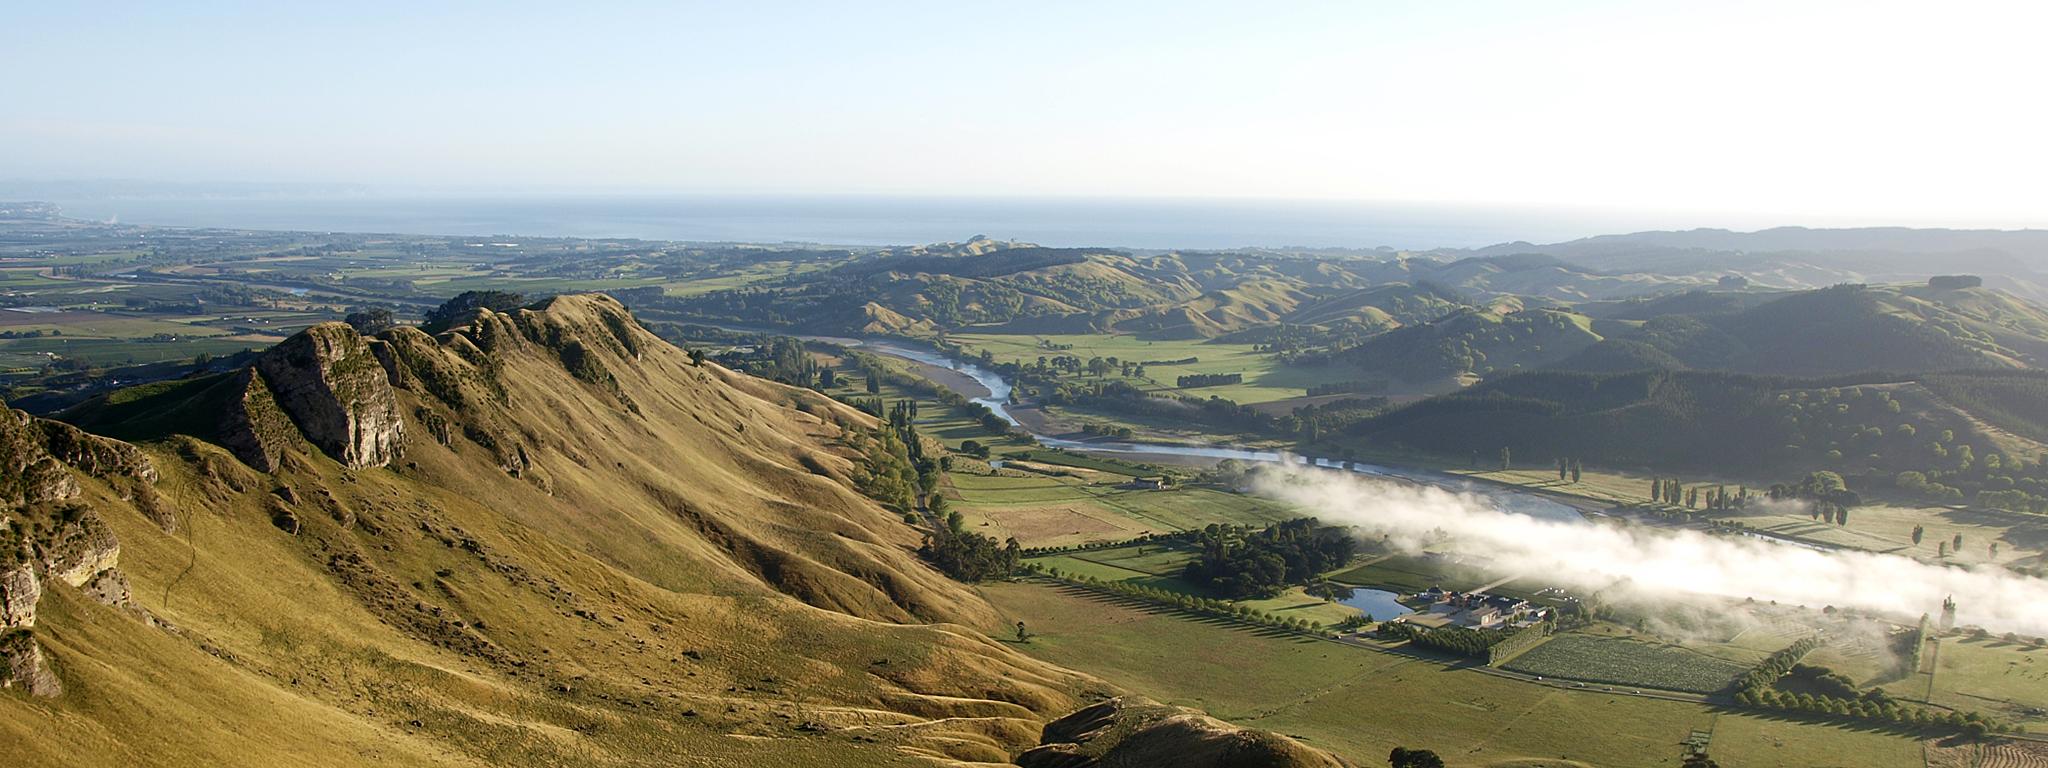 Tukituki_River_-_Te_Mata_Range